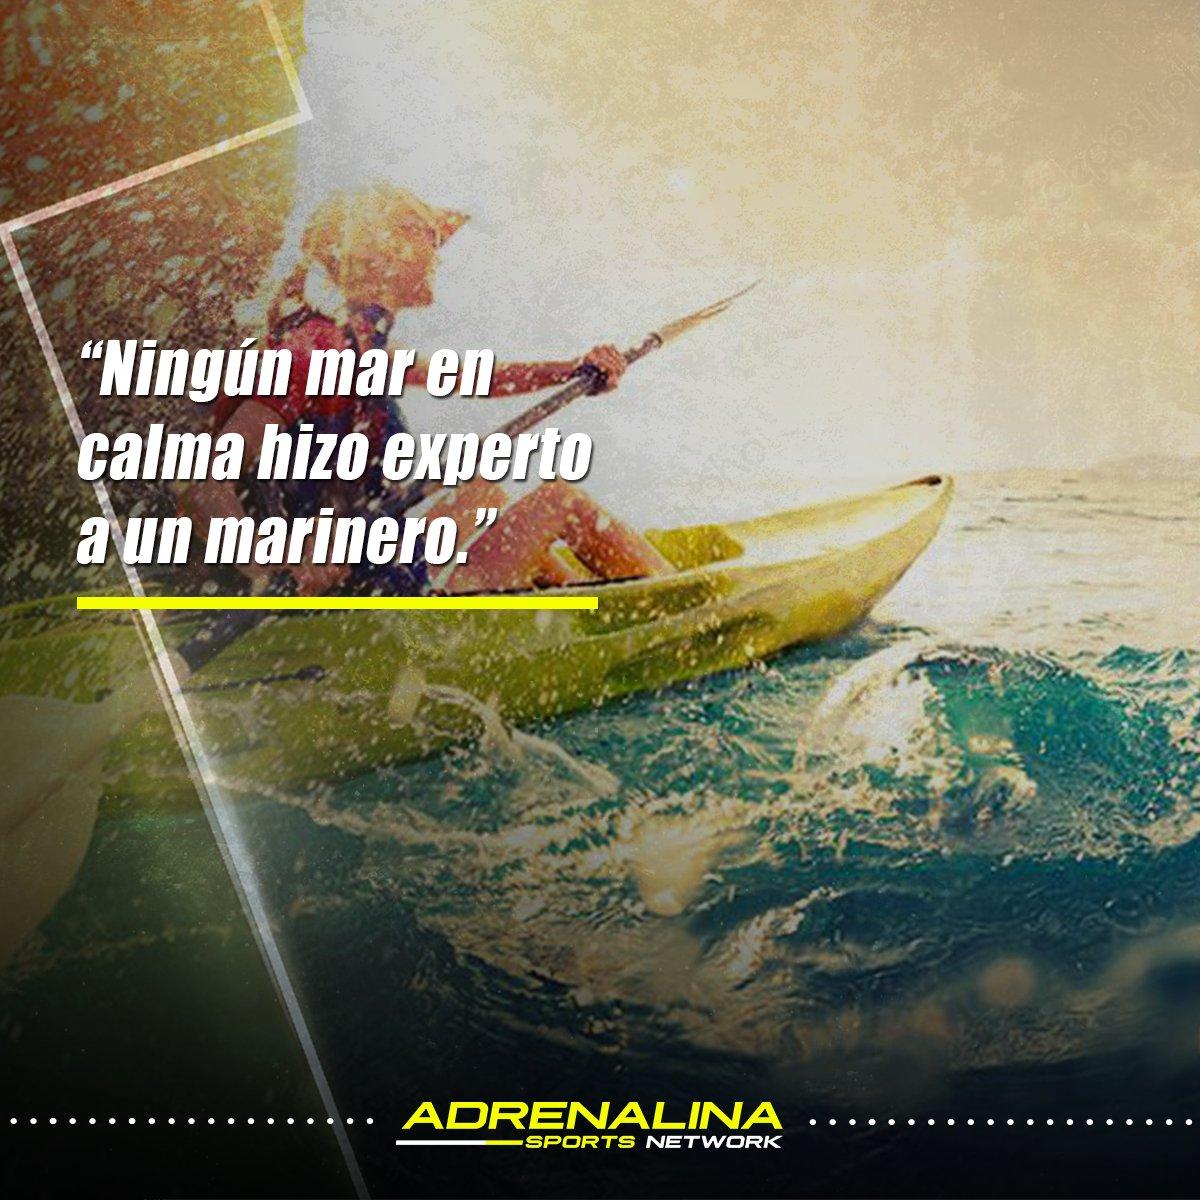 Adrenalina Sports Network S Tweet Felizjueves